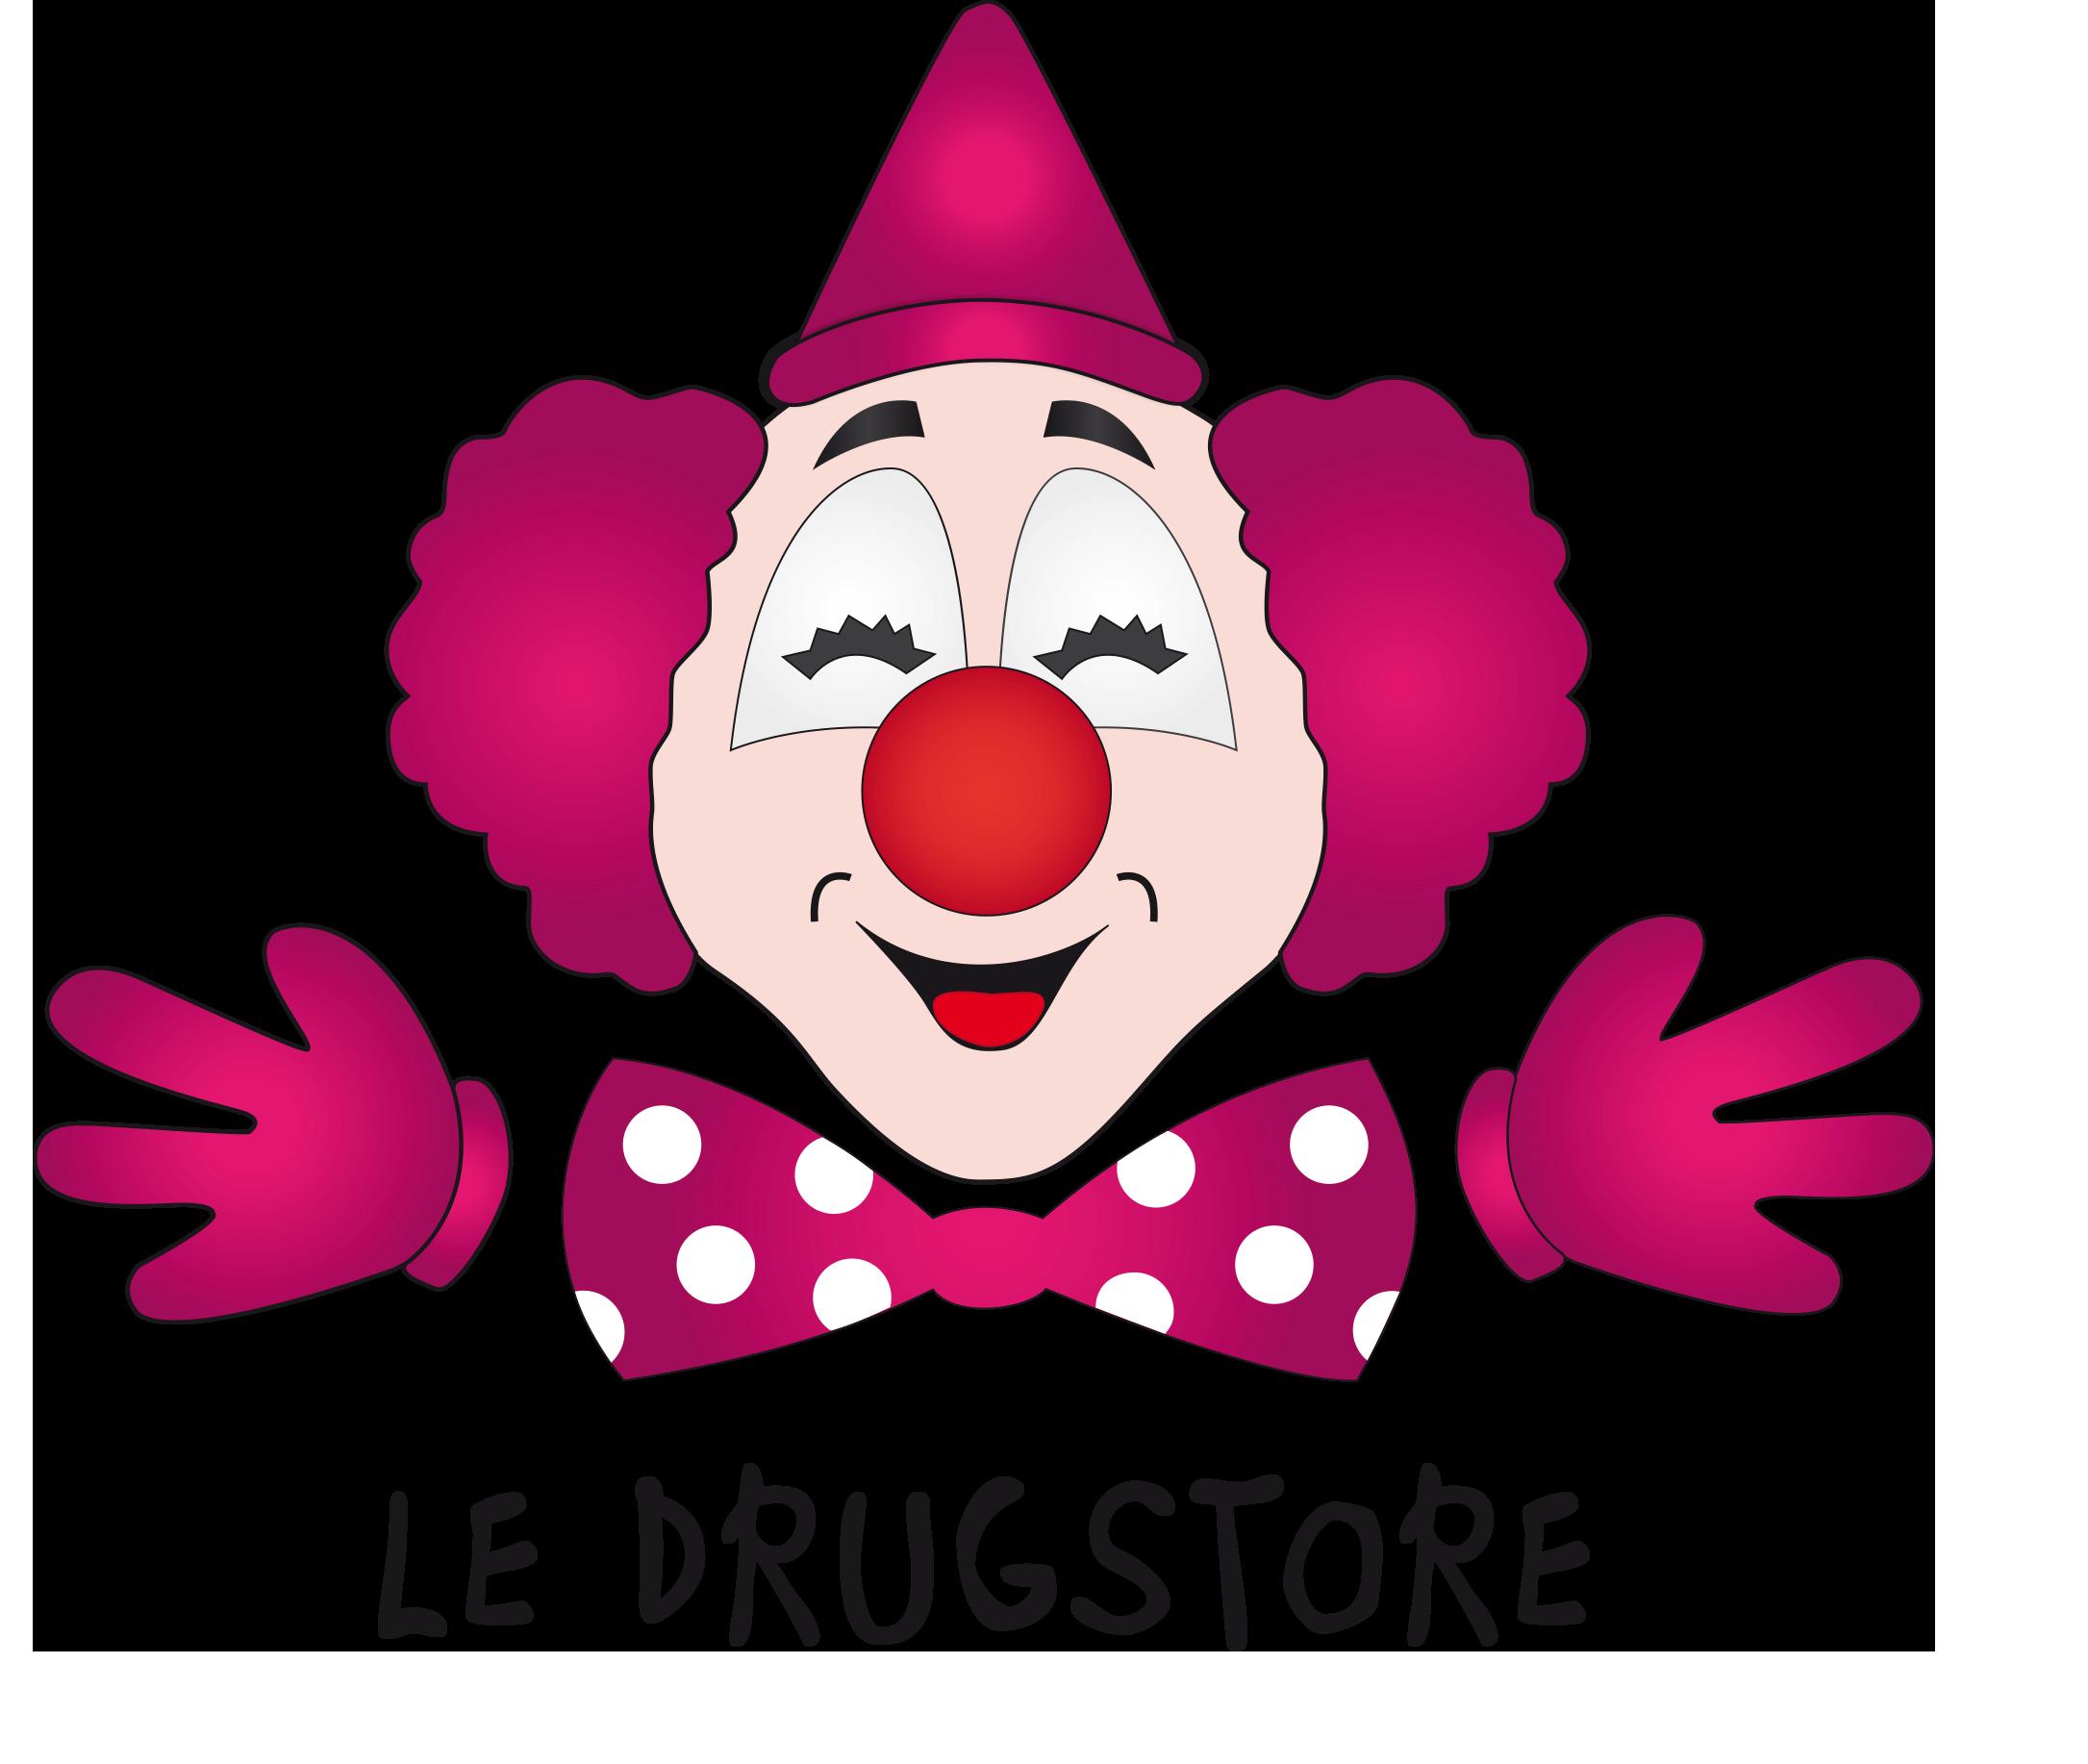 Brocante La Ferte St Aubin le drugstore fertesien à la ferté-saint-aubin 45240 (rue